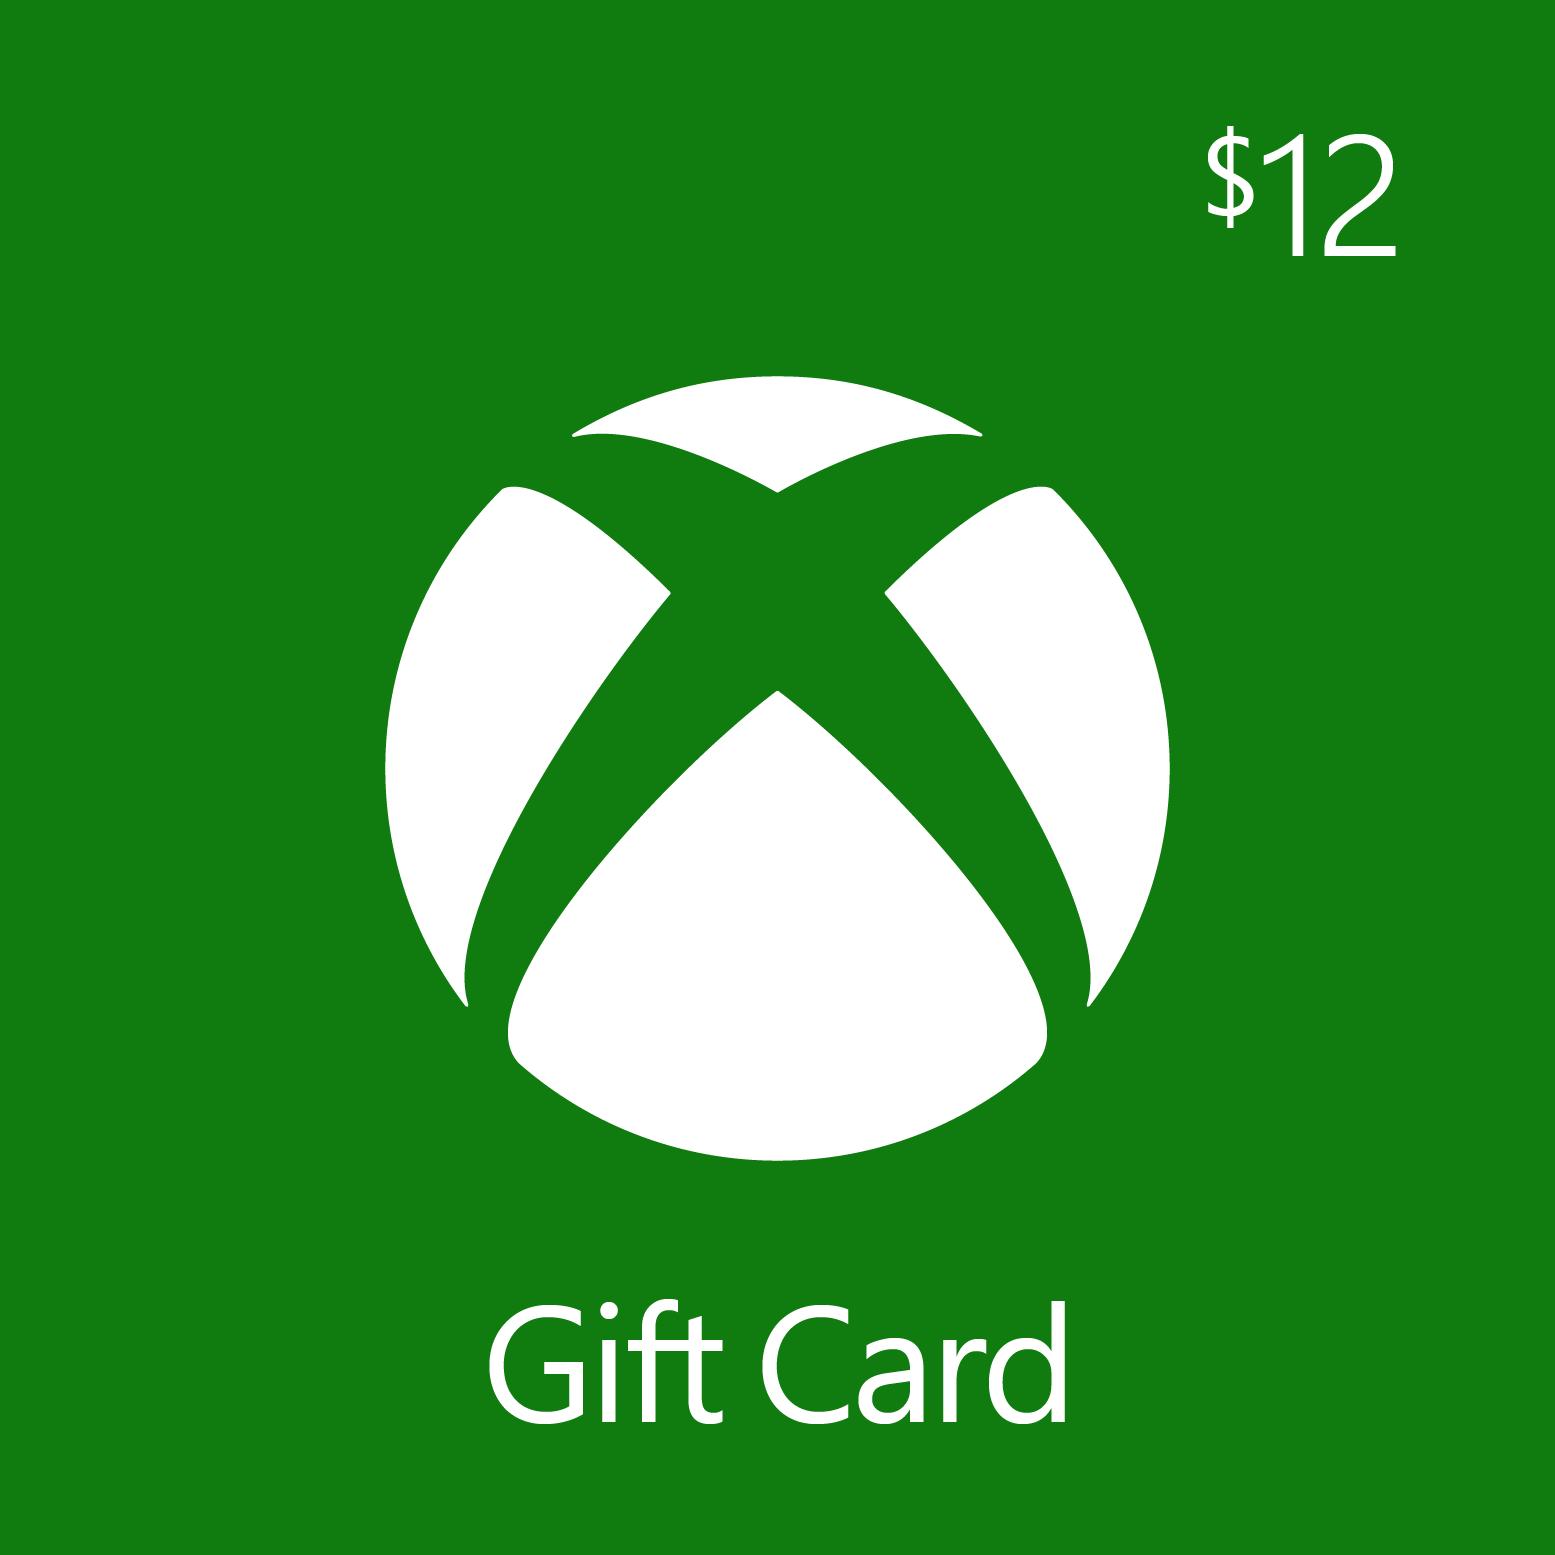 $12.00 Xbox Digital Gift Card